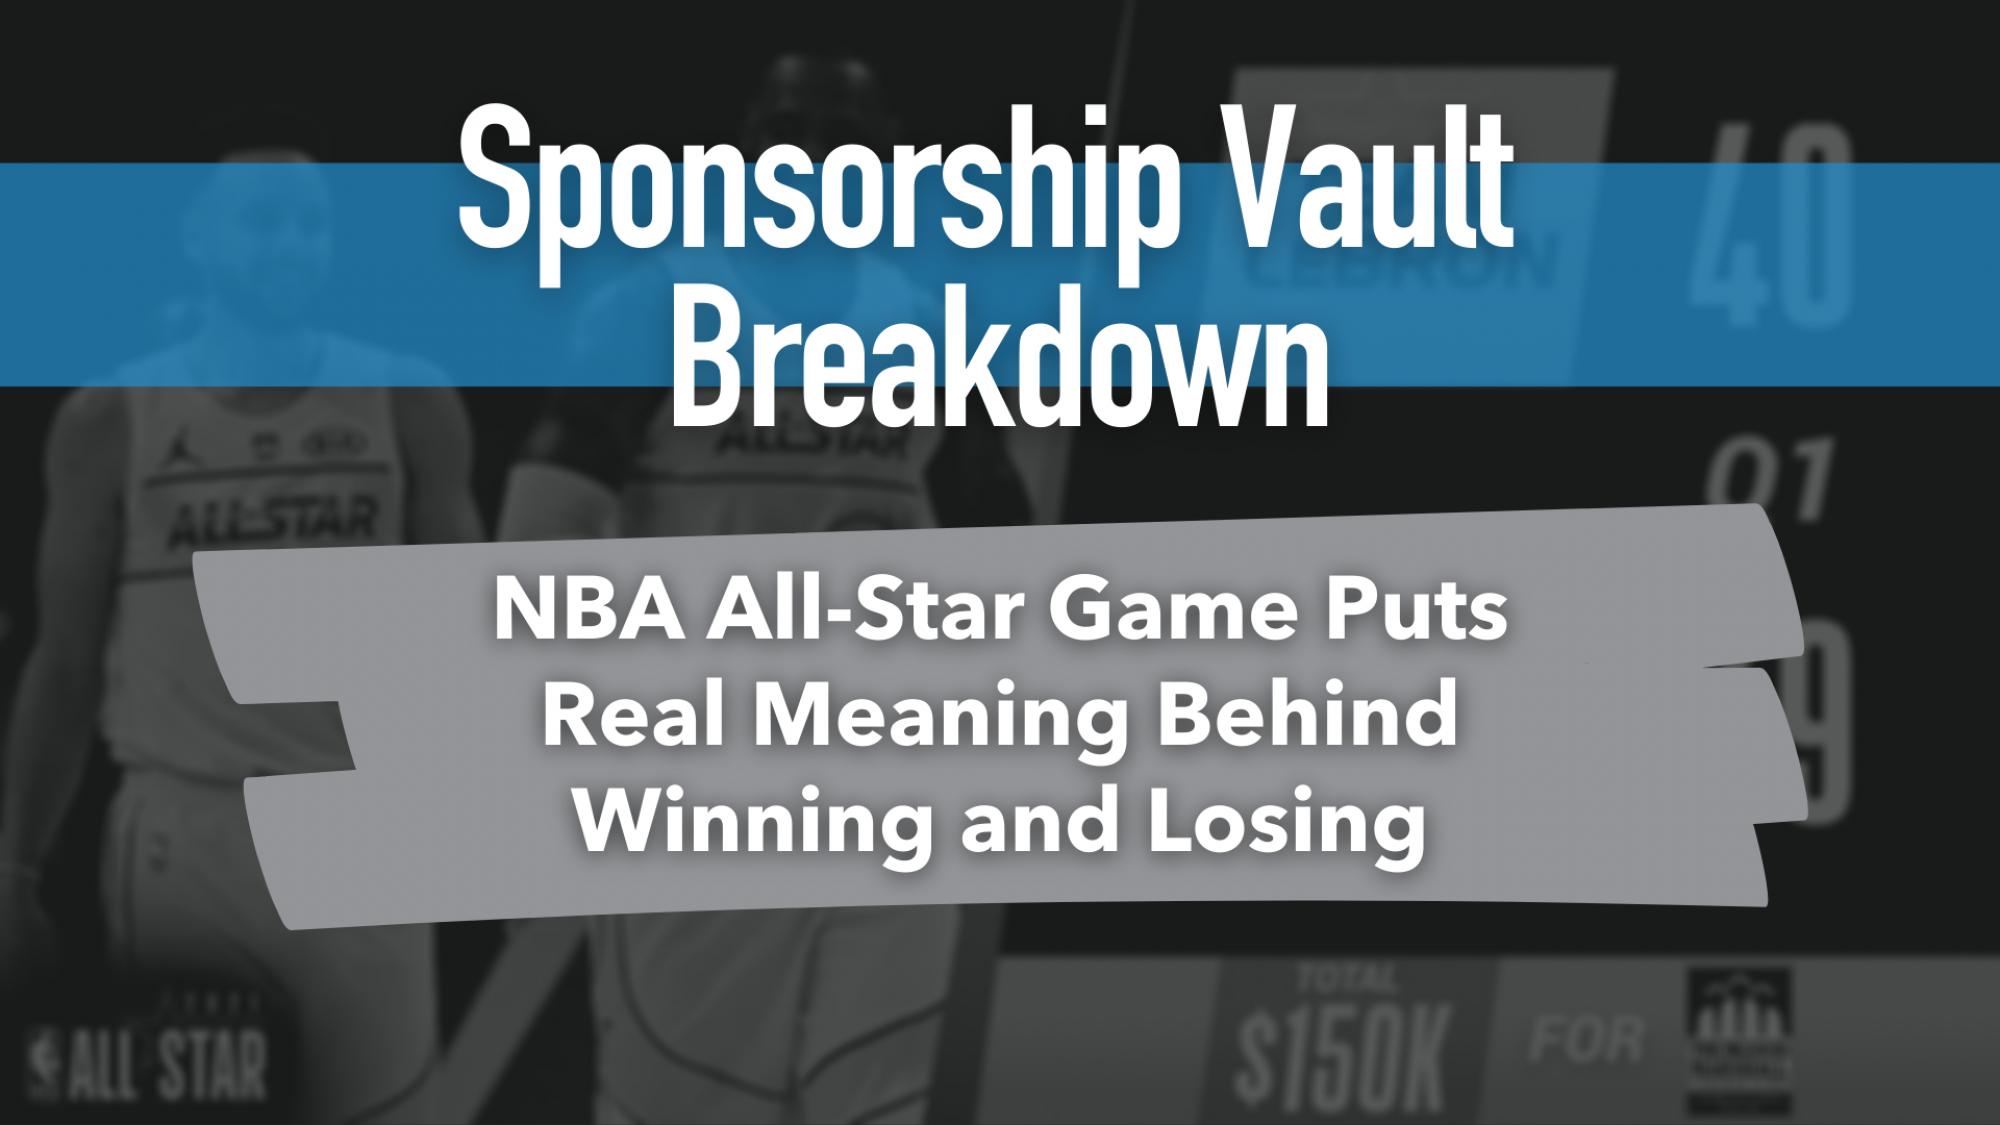 NBA Allstargame sponsorship example